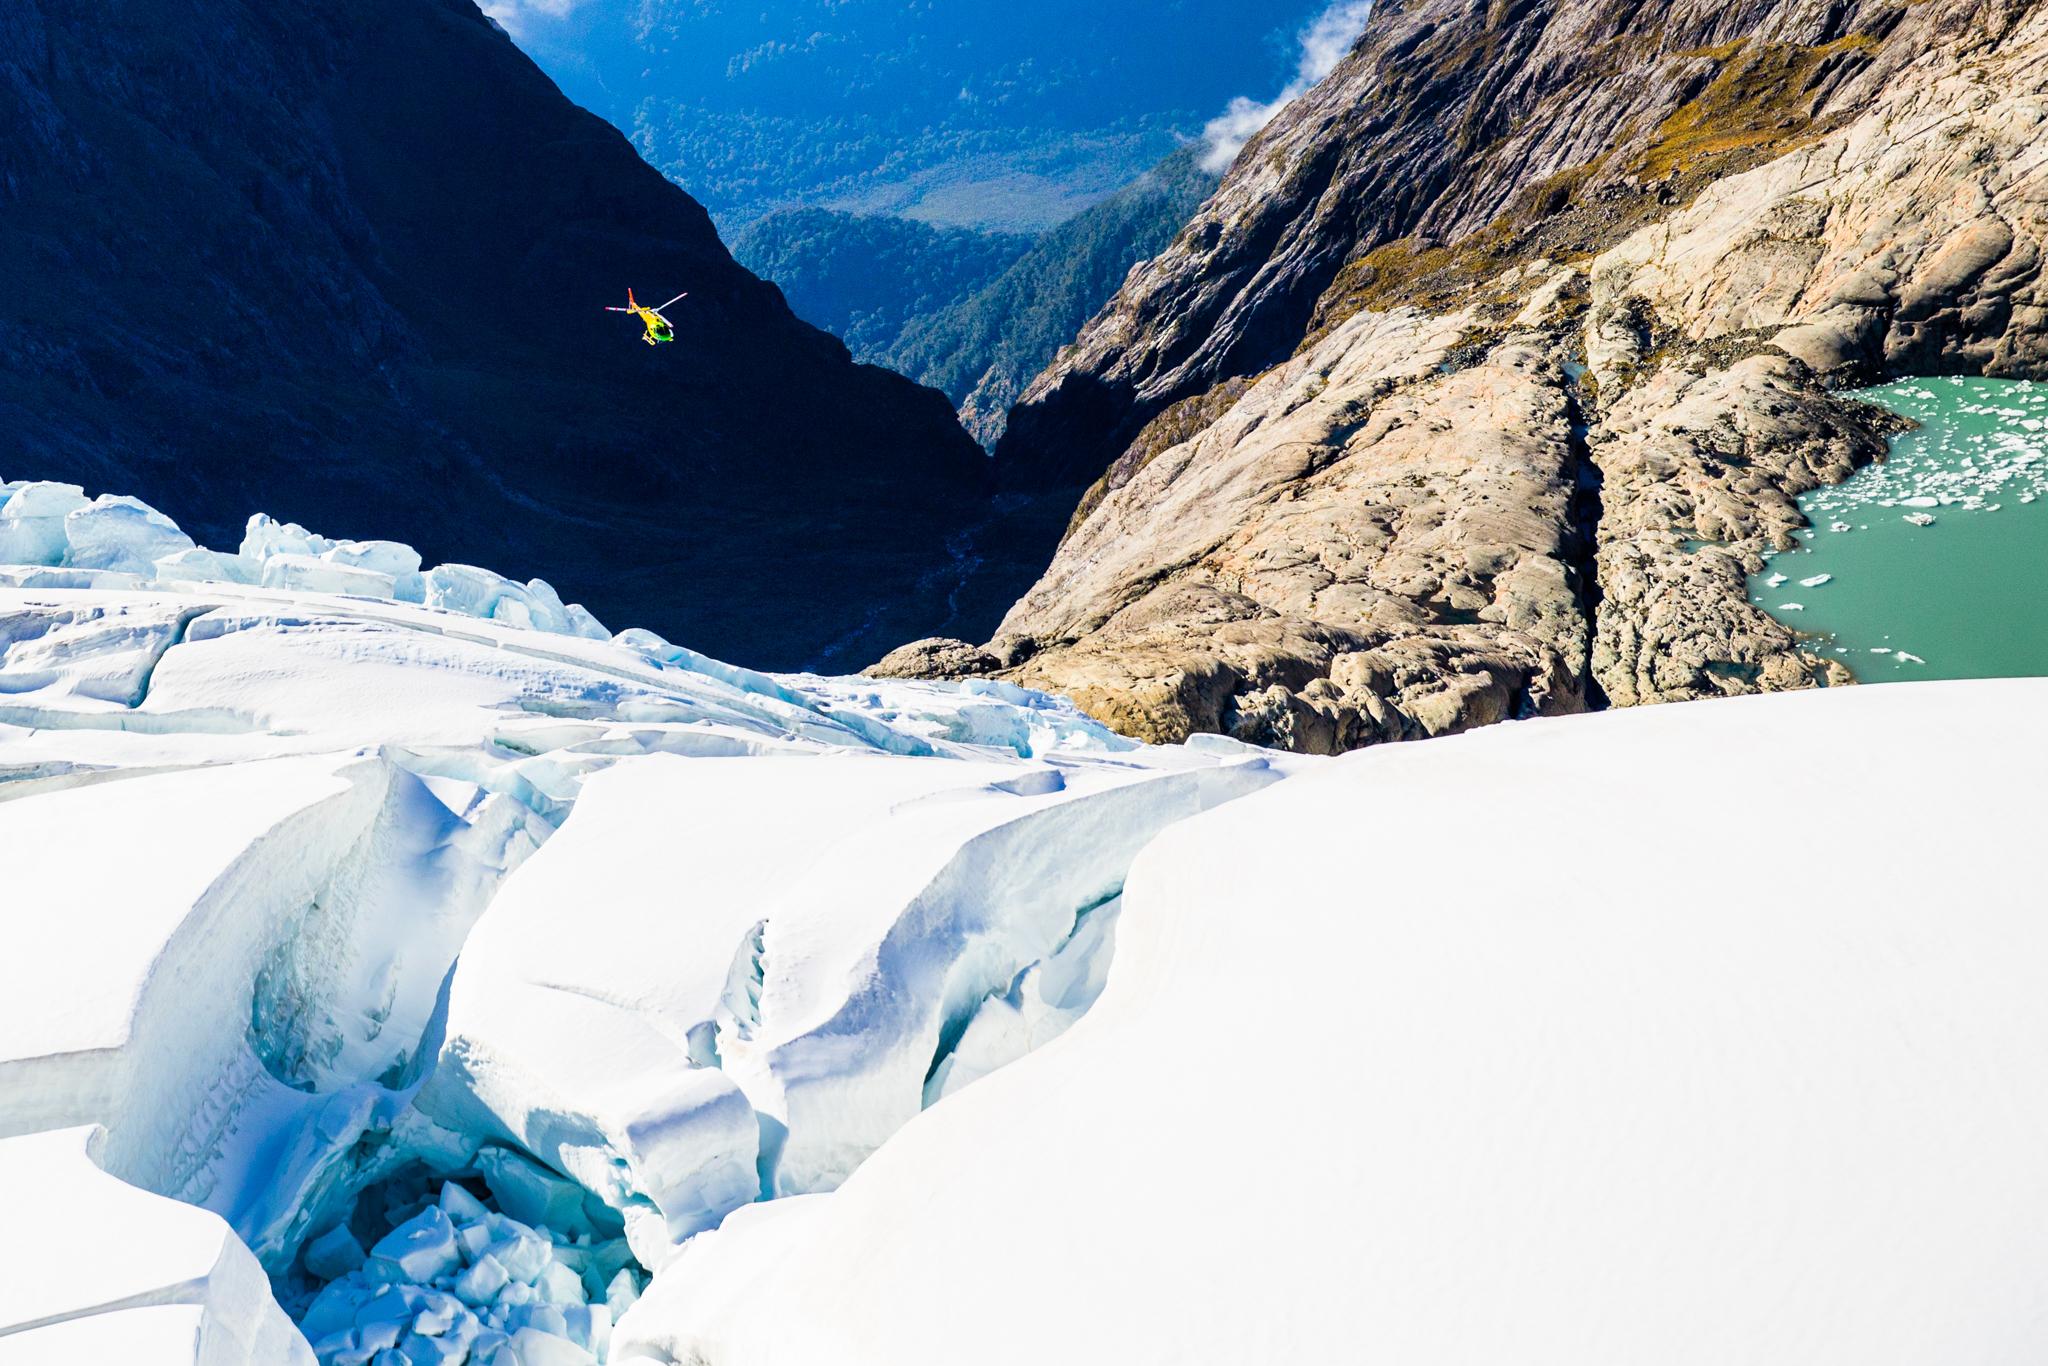 Helicopter-Fjordlands-NewZealand-Matt-Dunbar2 (1).jpg